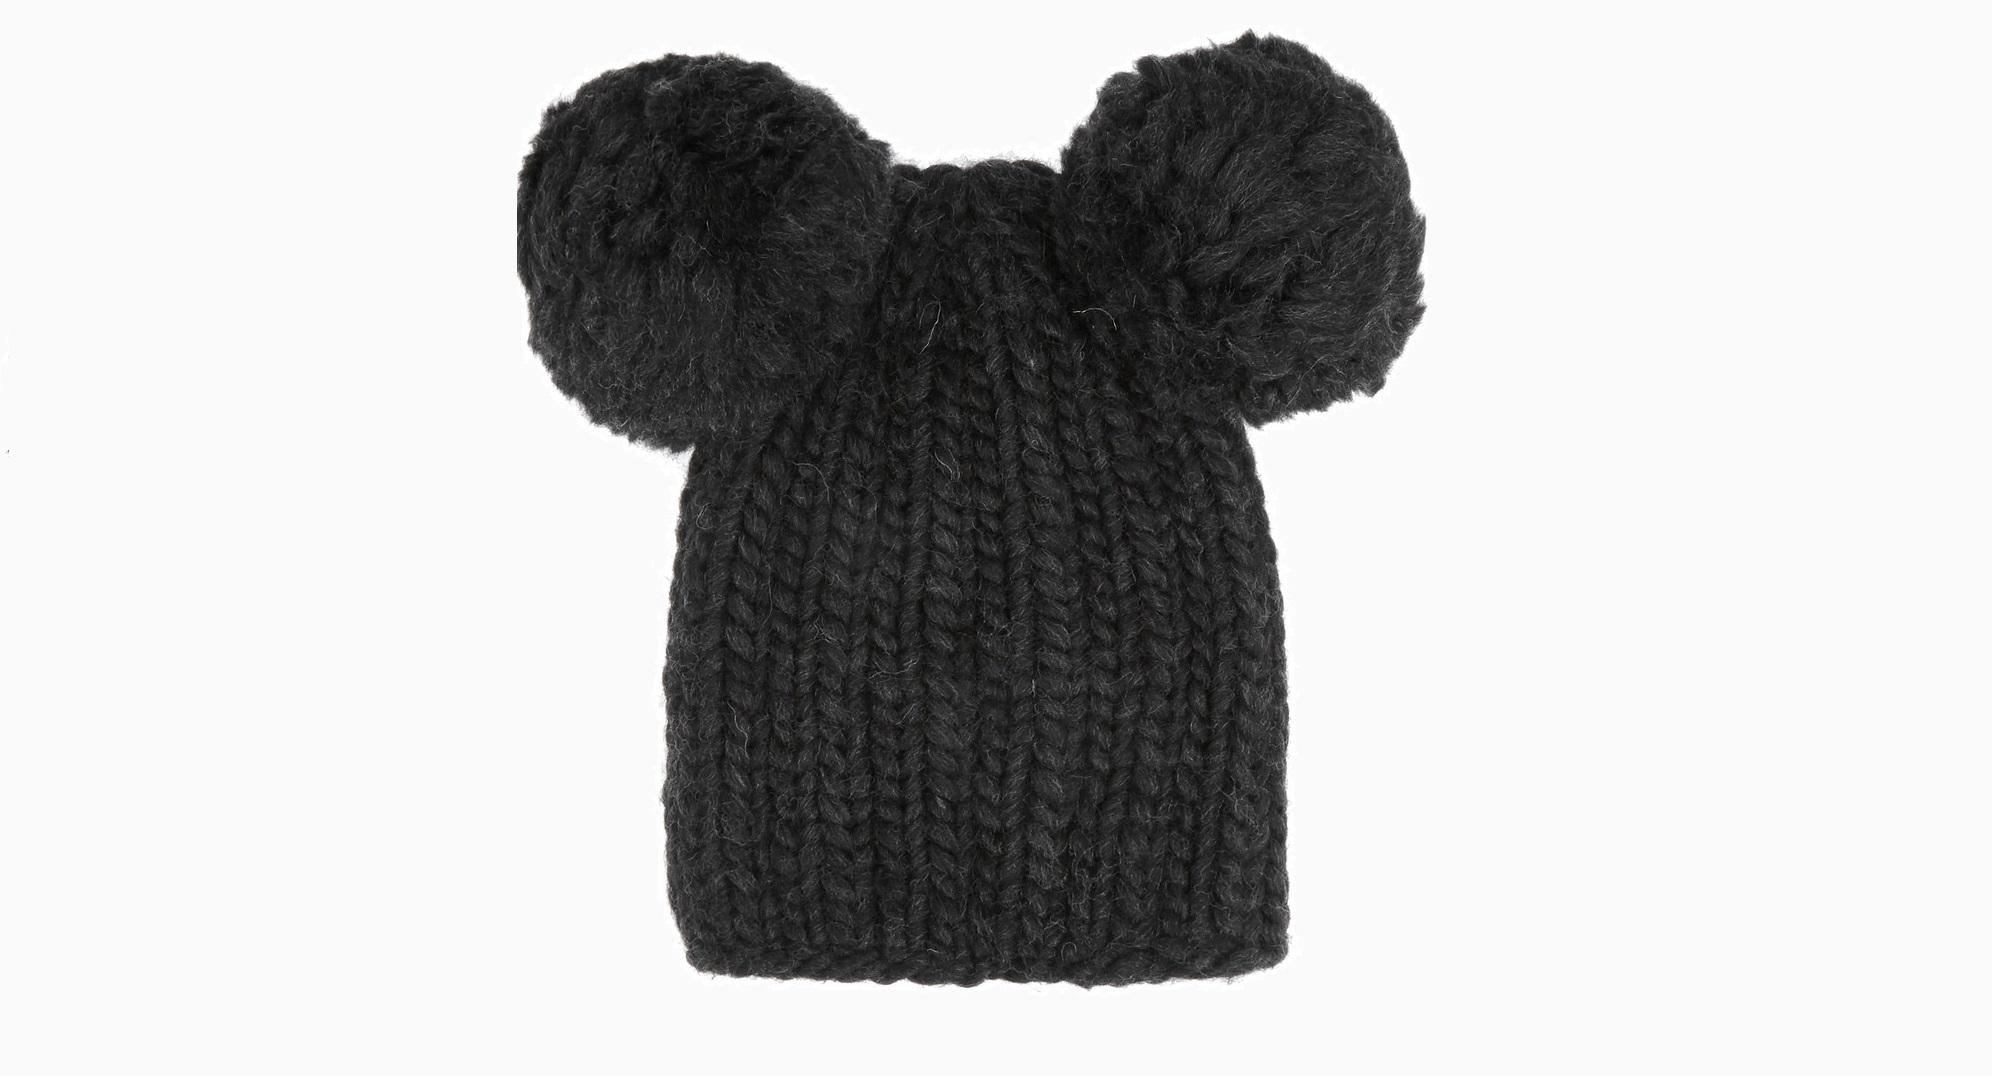 Eugenia Kim От 600 руб. и до…: 12 самых крутых шапок этой зимы